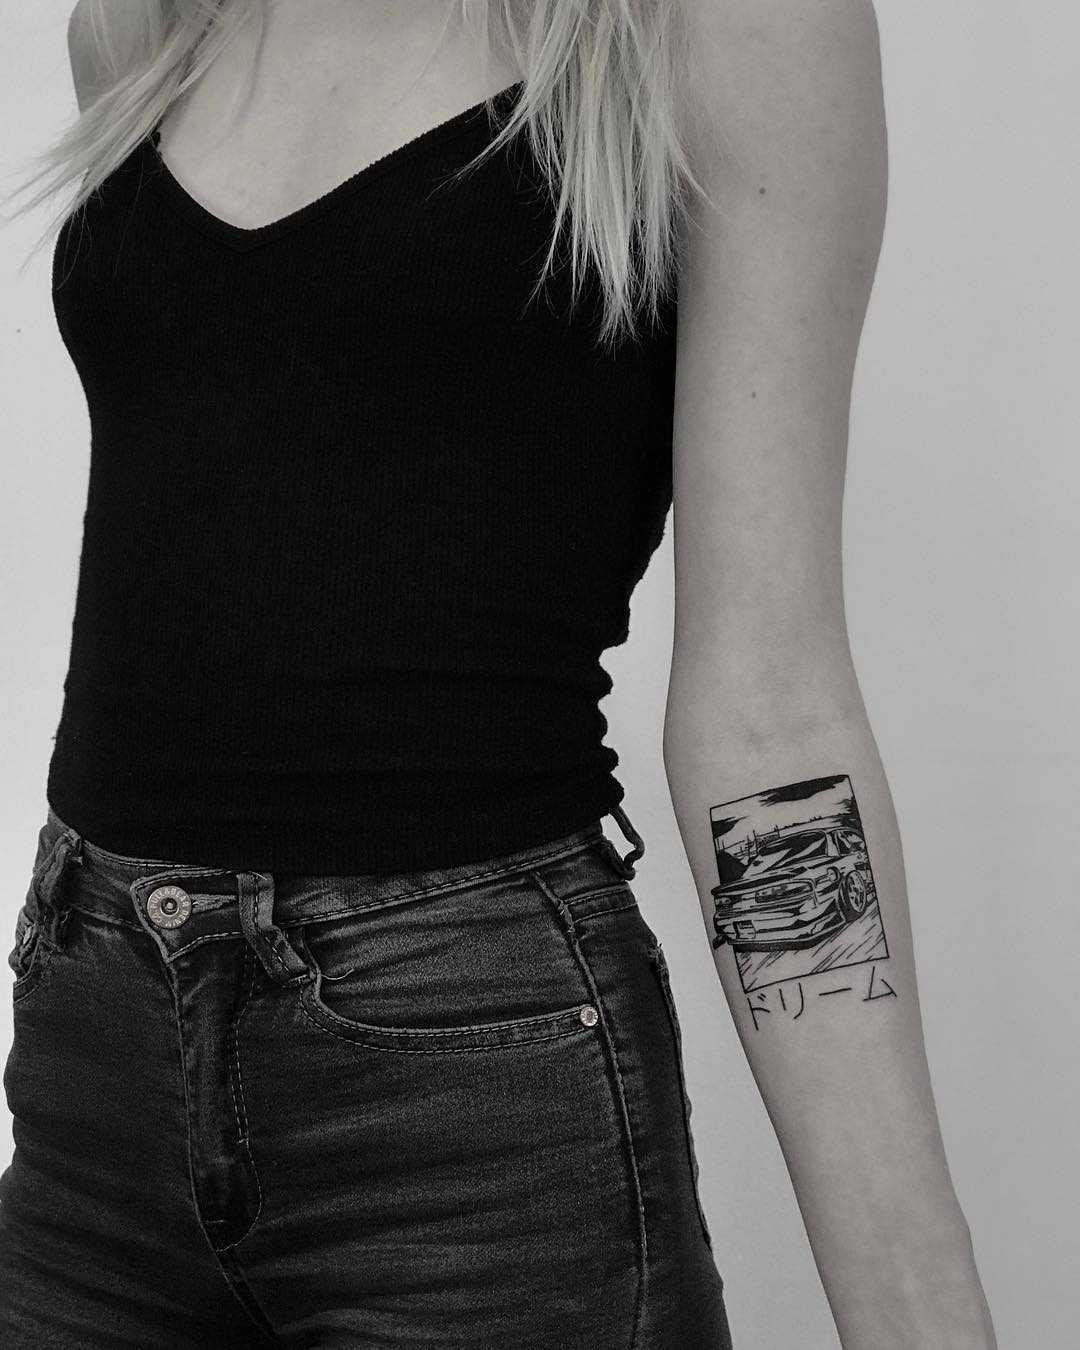 Black and white car tattoo by Krzysztof Szeszko